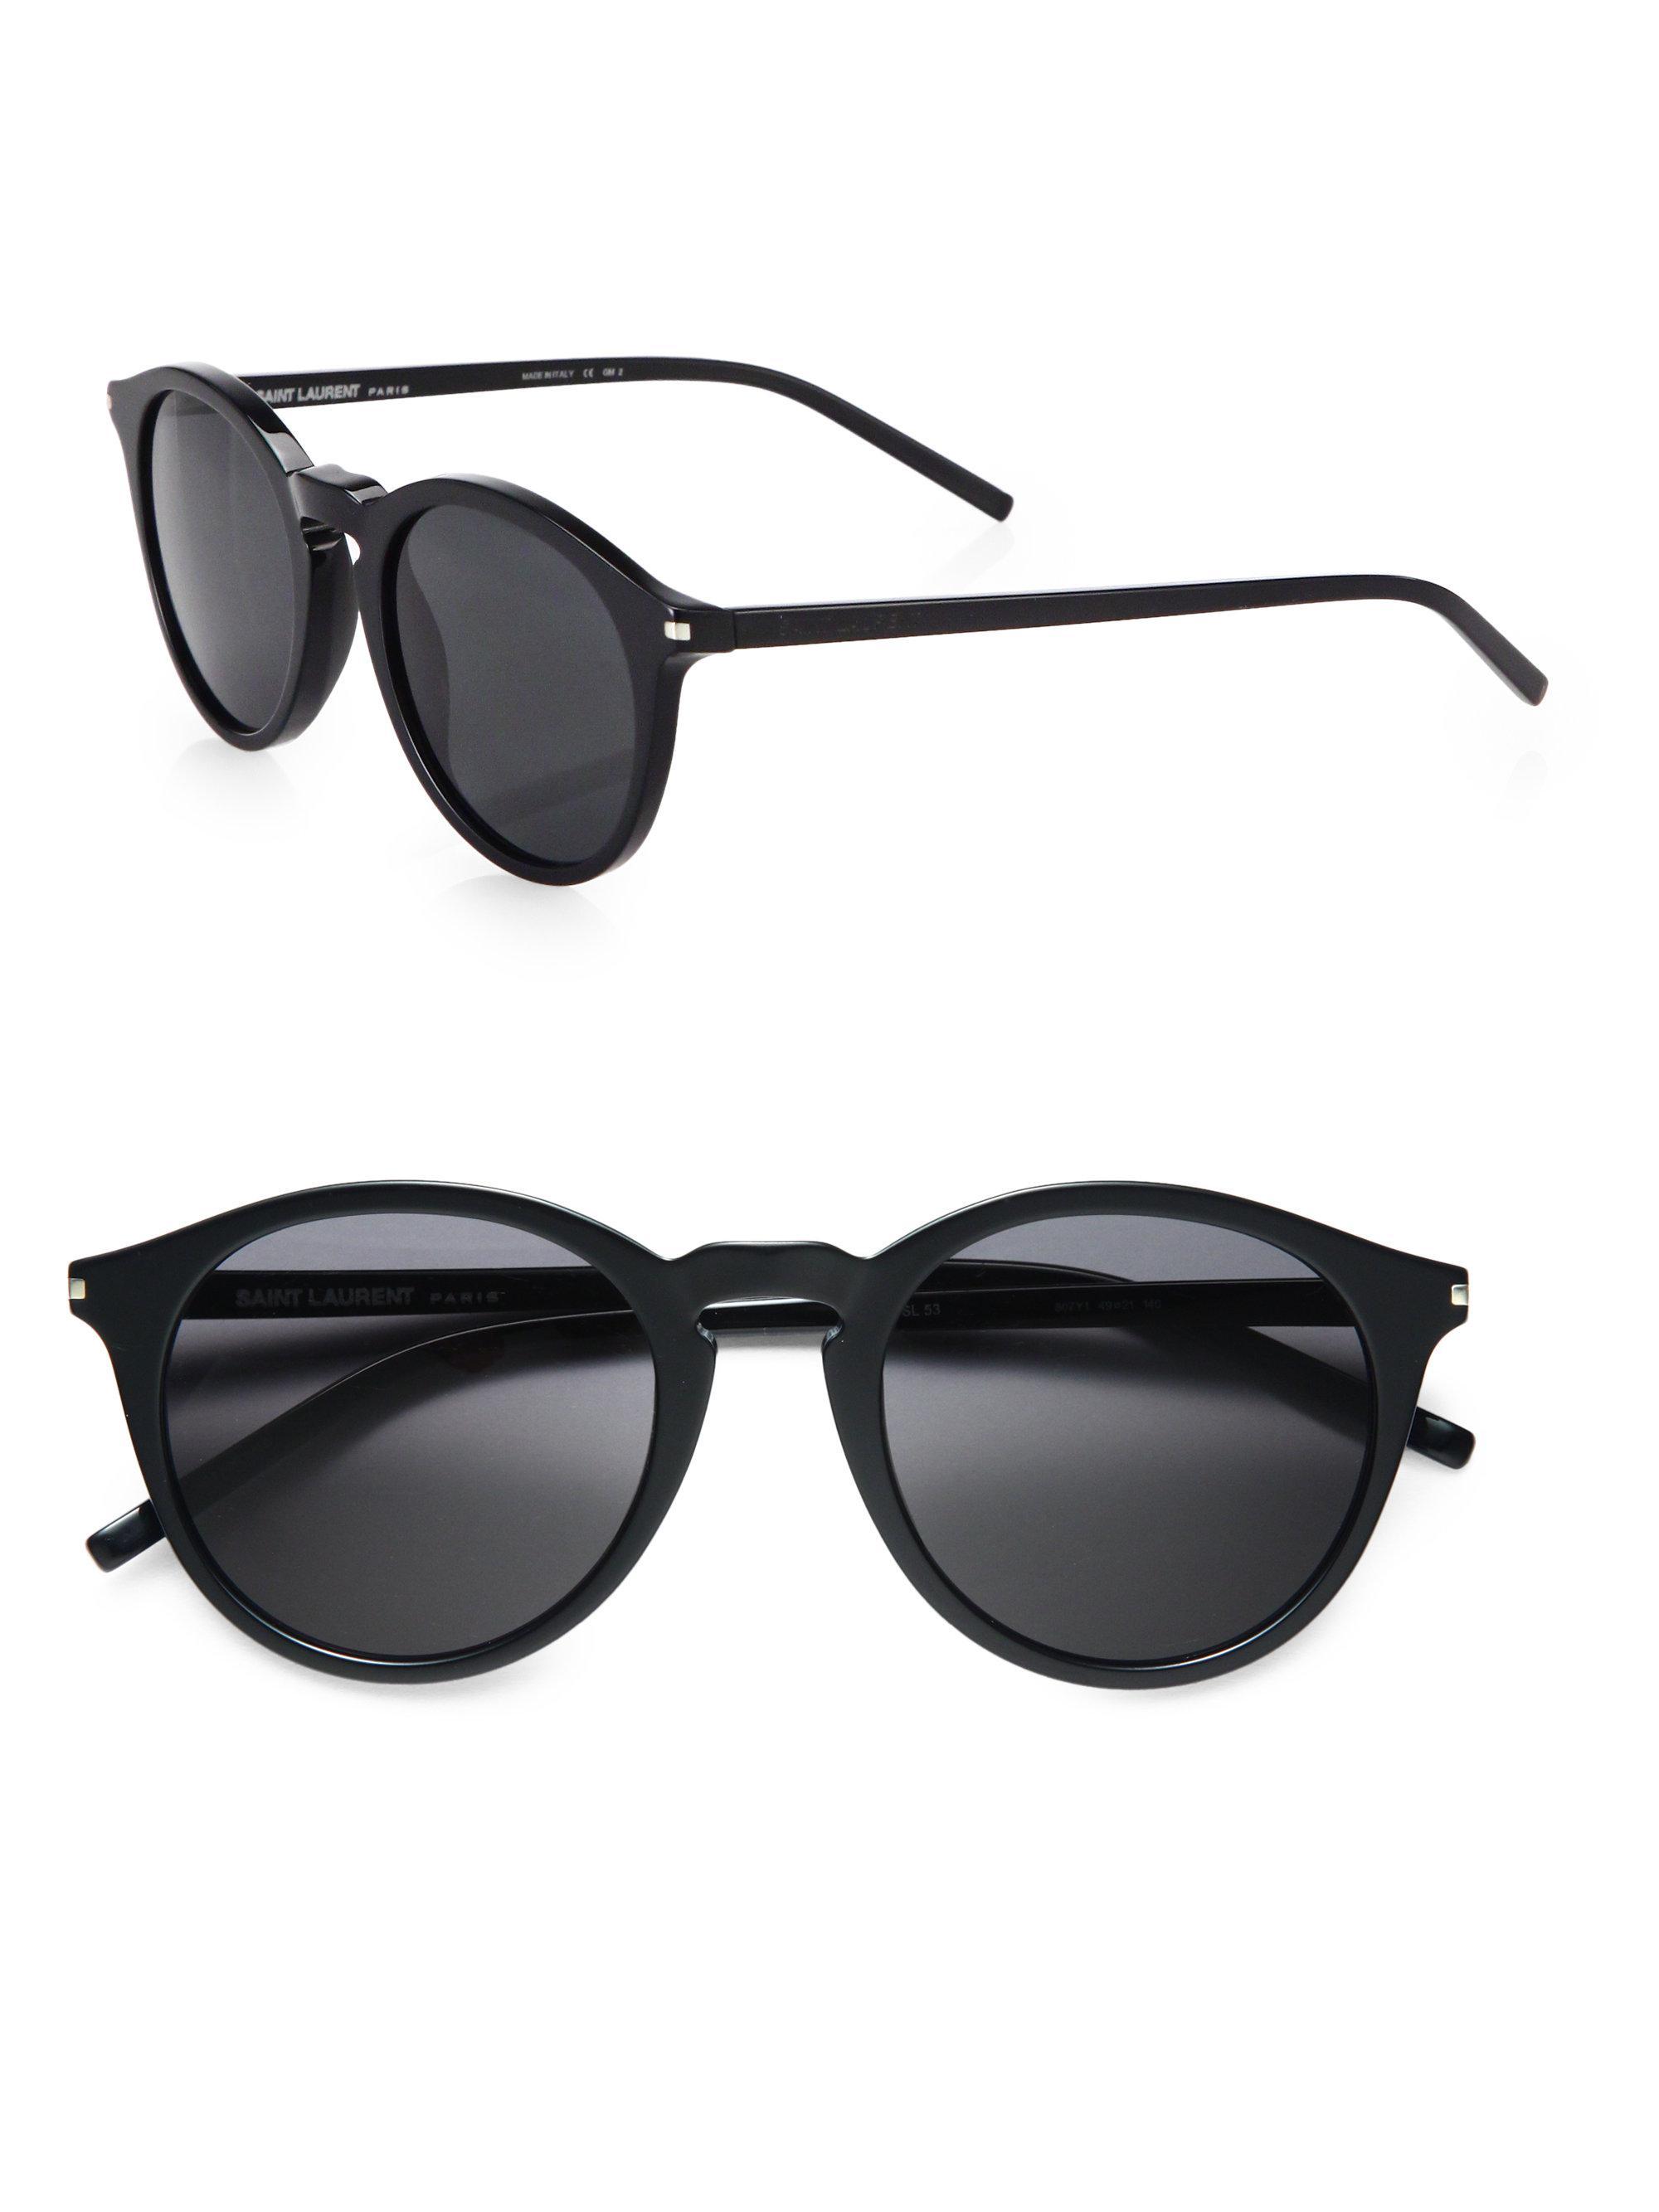 4458f3fb00d Saint Laurent Round Frame Sunglasses In Black - Bitterroot Public ...